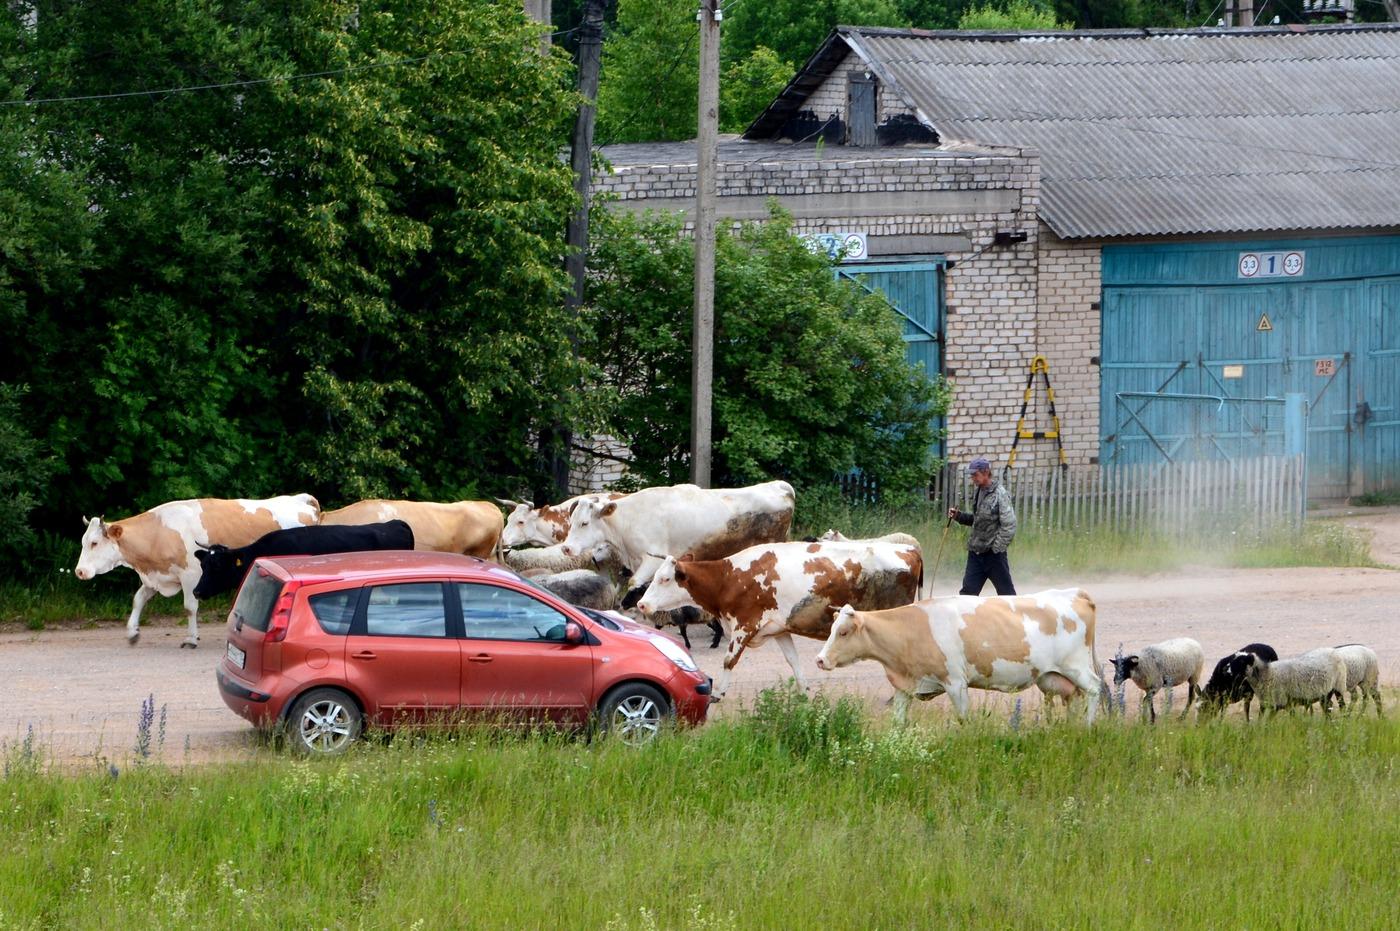 Жителей брянского поселка Октябрьский терроризирует стадо быков и коров